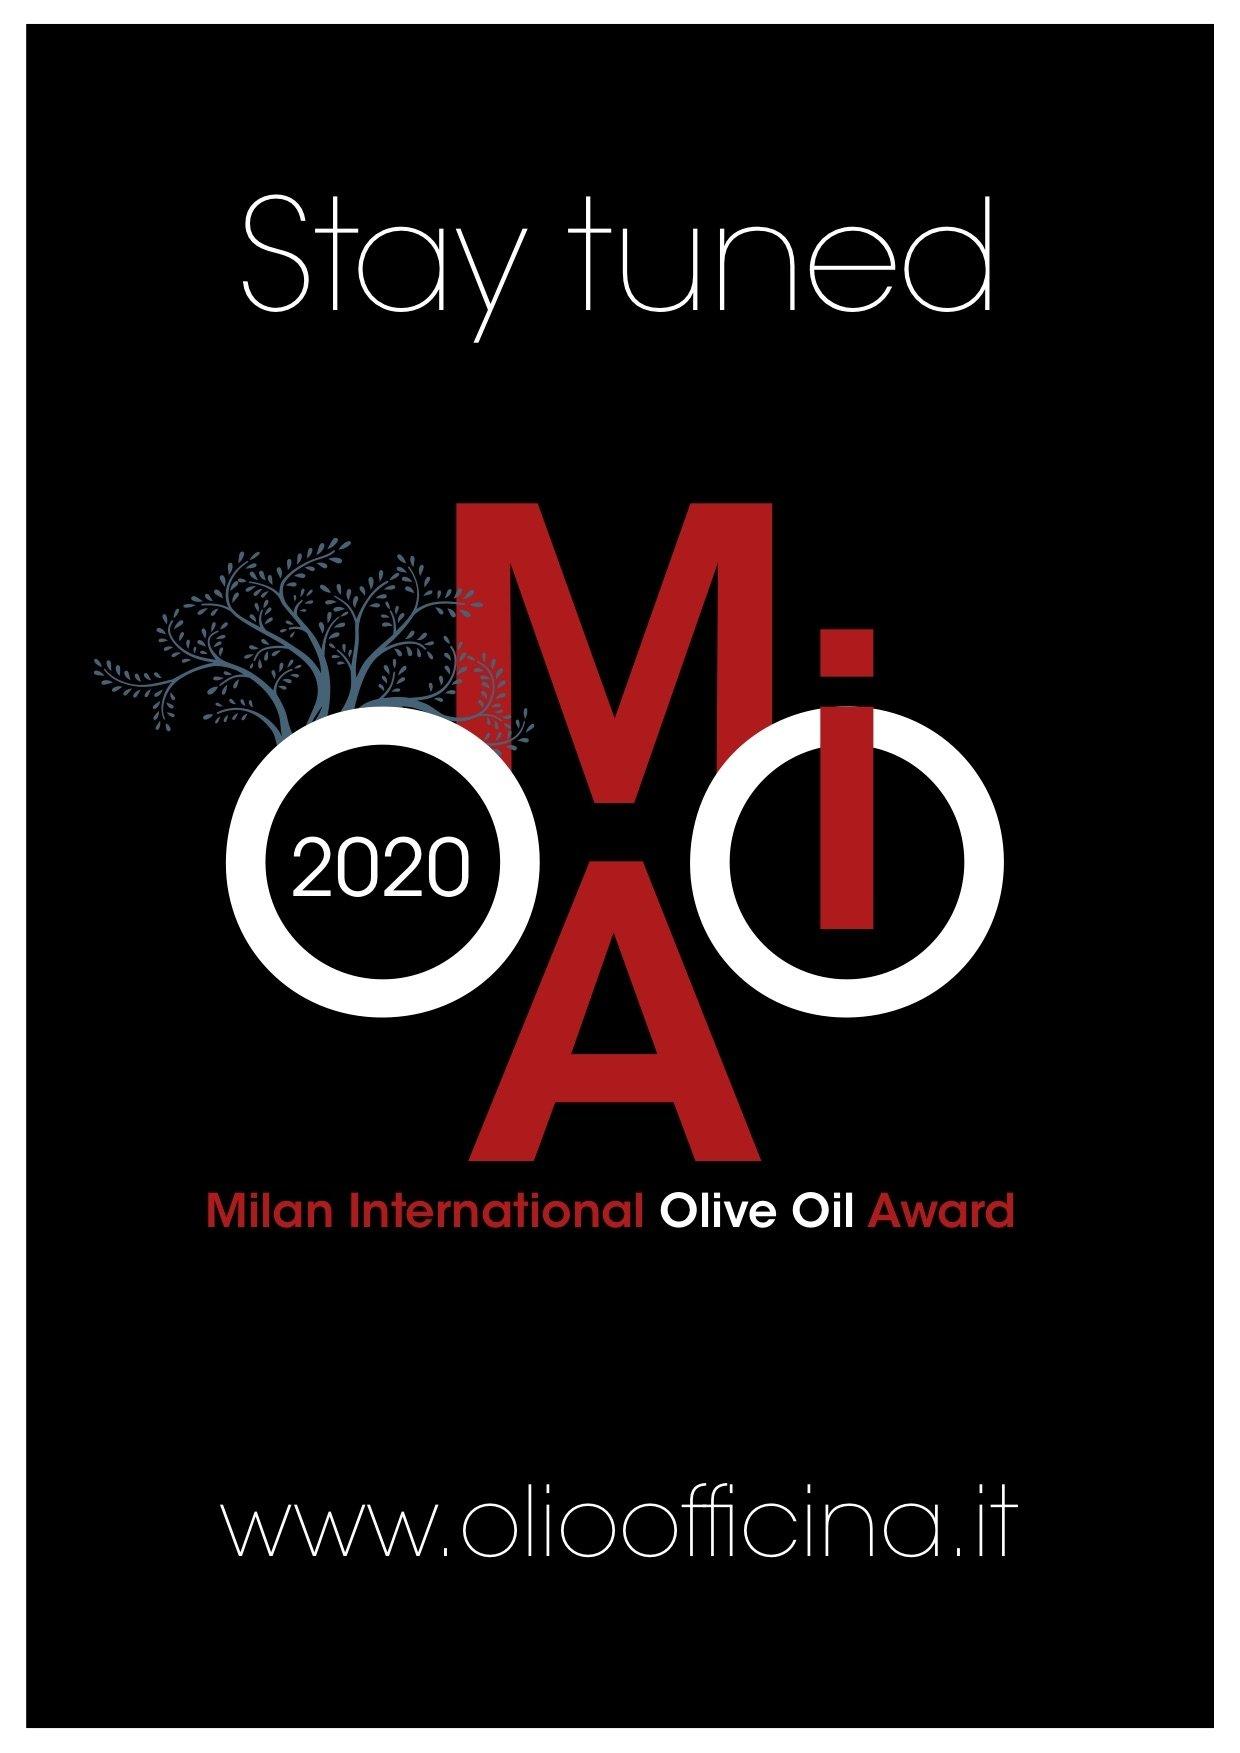 La qualità degli extra vergini della nuova olivagione in concorso al Milan International Olive Oil Award